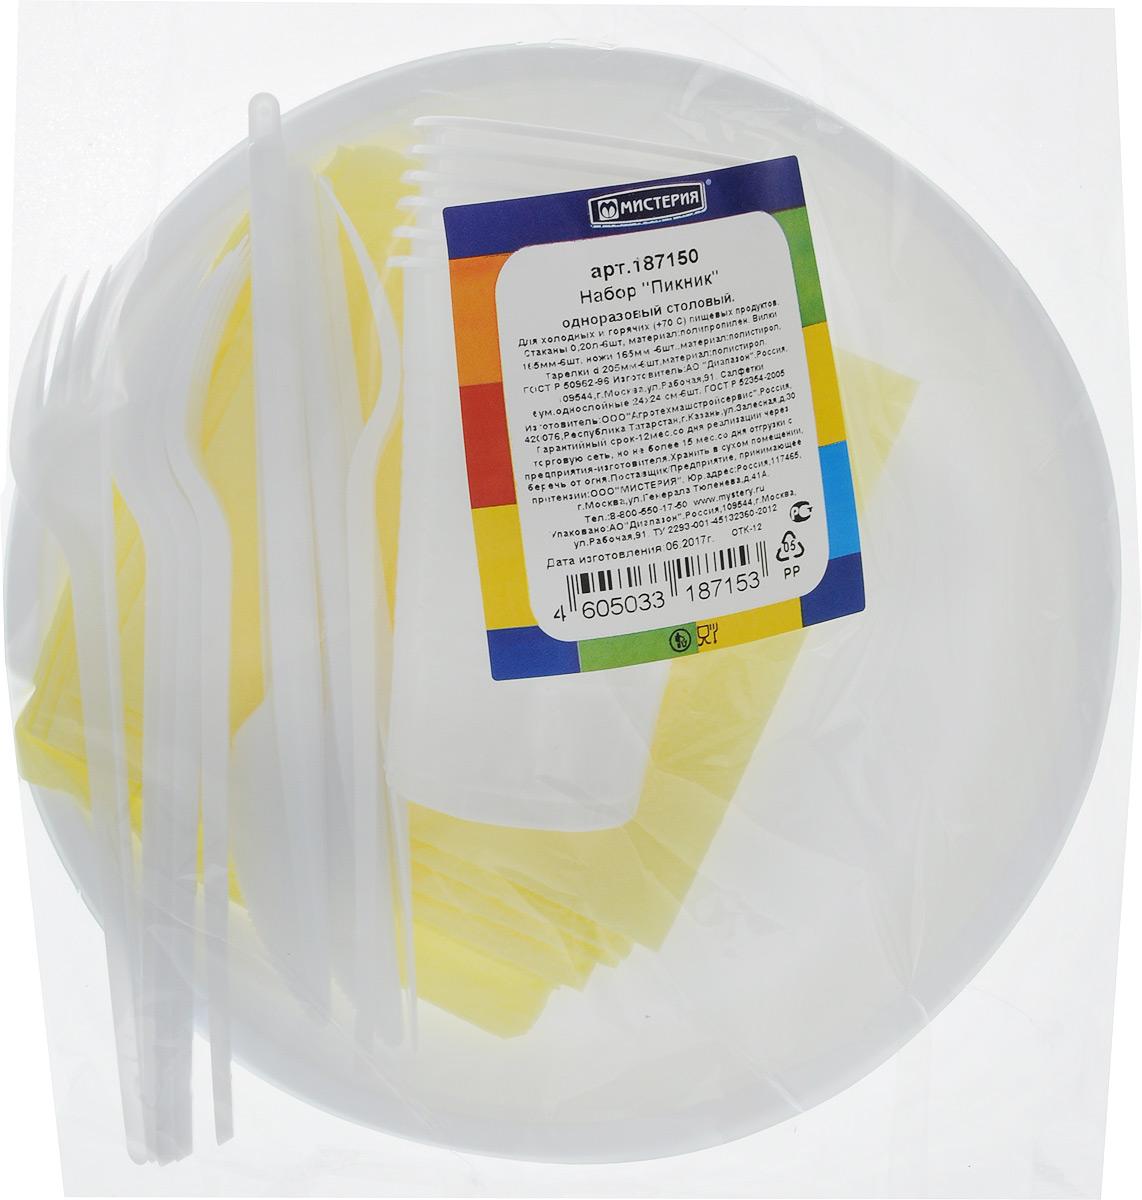 Набор одноразовой посуды Мистерия Пикник, 30 предметовFA-5126-2 WhiteНабор одноразовой посуды Мистерия Пикник на 6 персон включает 6 тарелок, 6 вилок, 6 ножей, 6 стаканов и 6 салфеток. Посуда выполнена из пищевого пластика, предназначена для холодных и горячих (до +70°С) пищевых продуктов. Такой набор посуды отлично подойдет для отдыха на природе. В нем есть все необходимое для пикника. Он легкий и не занимает много места, а самое главное - после использования его не надо мыть. Объем стакана: 200 мл. Диаметр стакана (по верхнему краю): 7 см. Высота стакана: 9,5 см. Диаметр тарелки: 20,5 см. Длина вилки: 16,5 см. Длина ножа: 16,5 см. Размер салфетки: 24 х 24 см.